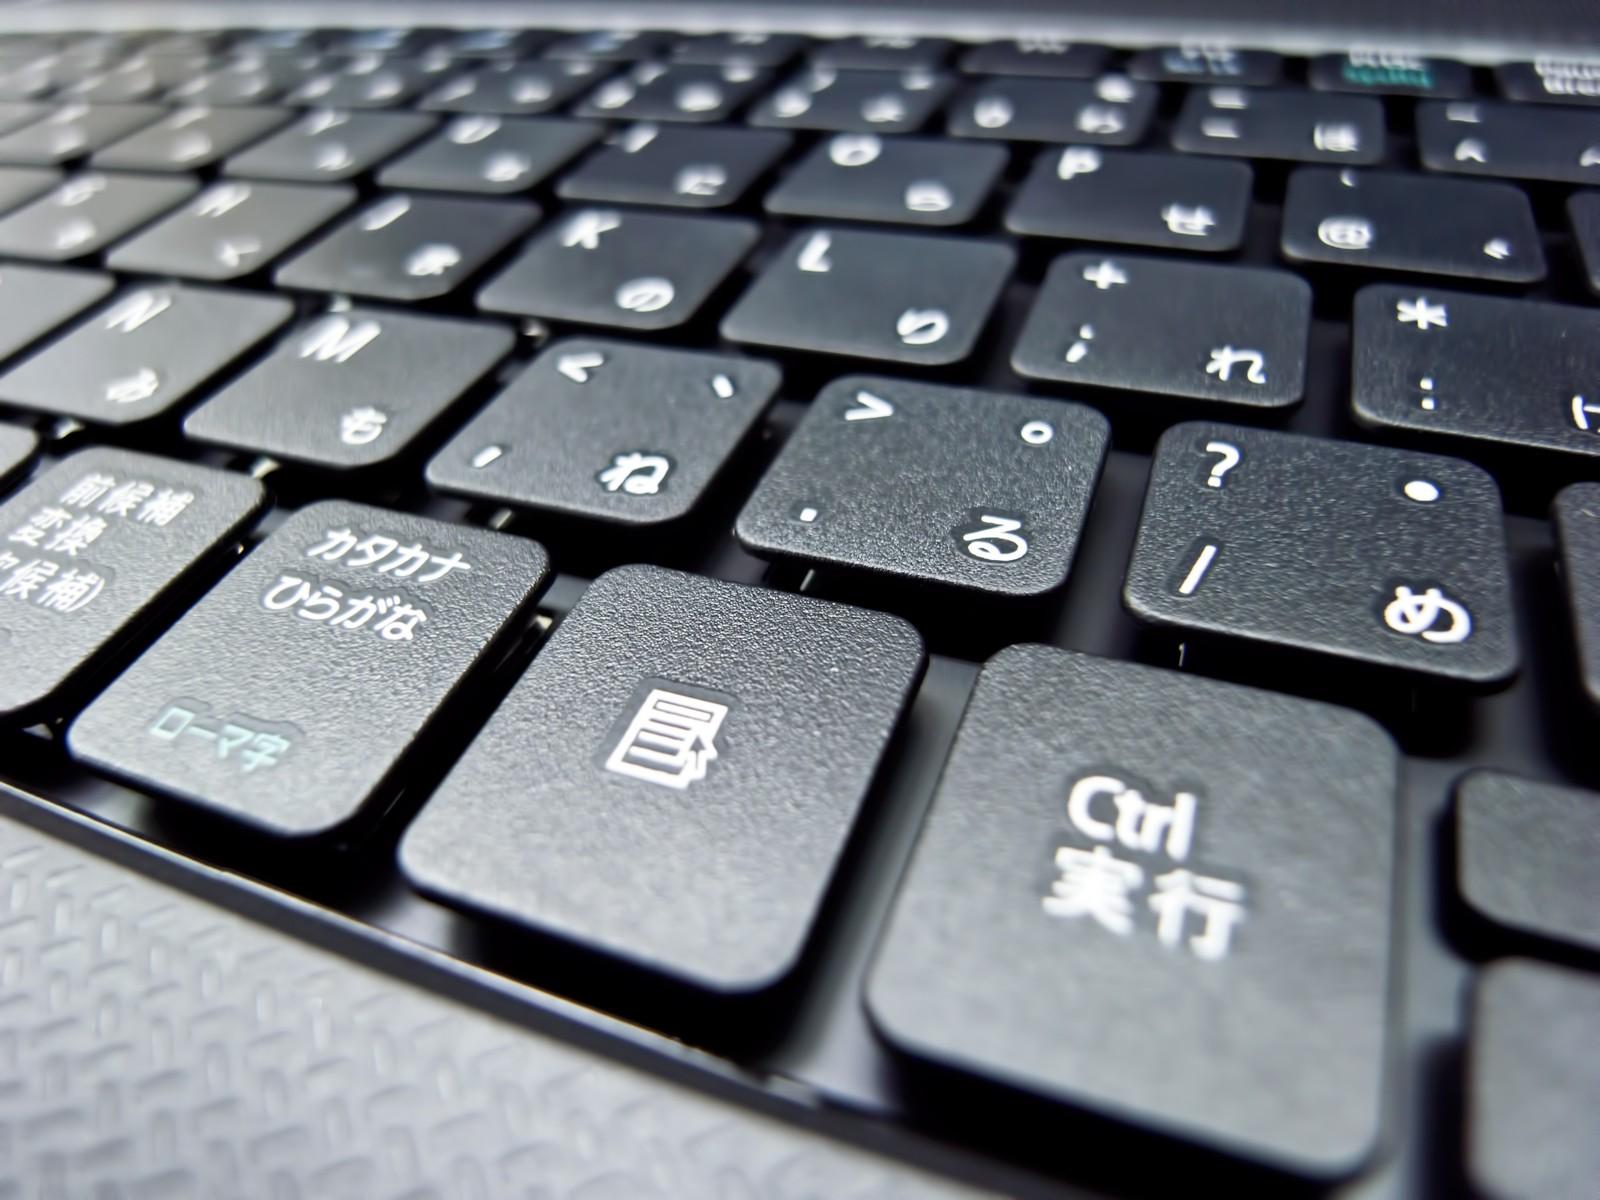 「ファンクションキー」は本当に「機能するキー」なのか?についての話です。